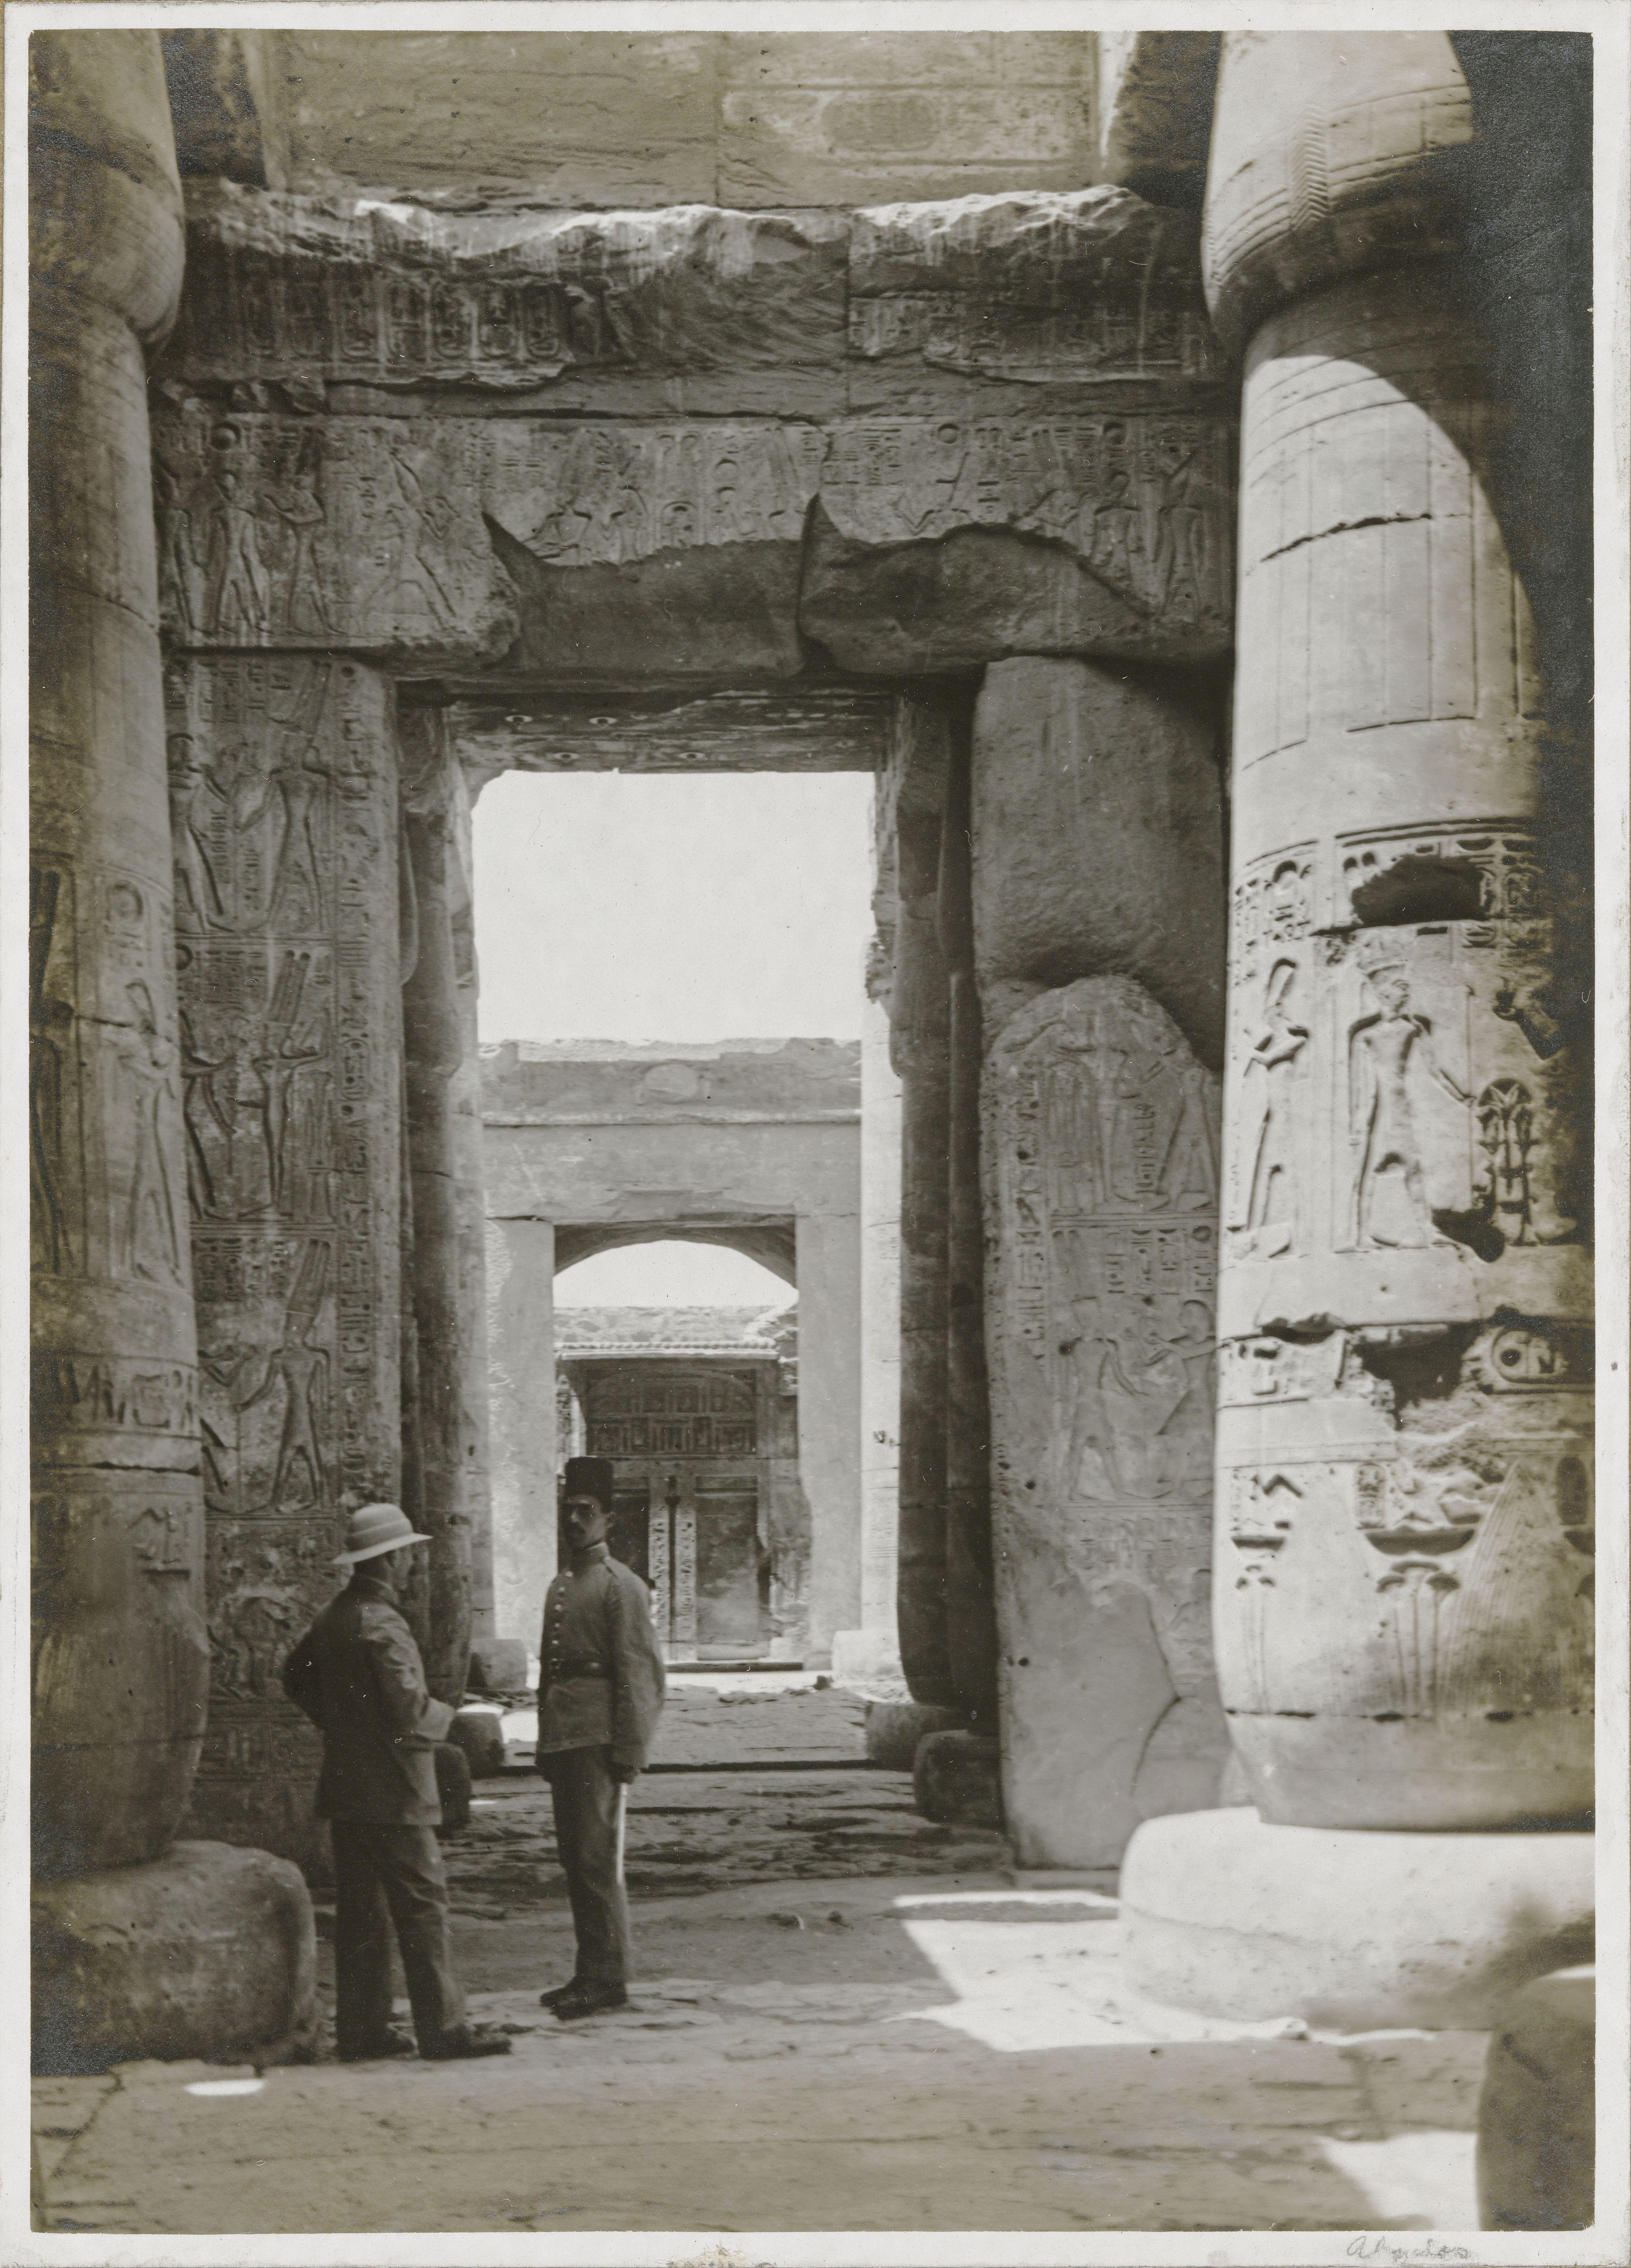 Абидос. Поминальный храм Сети I. Вид из первого зала